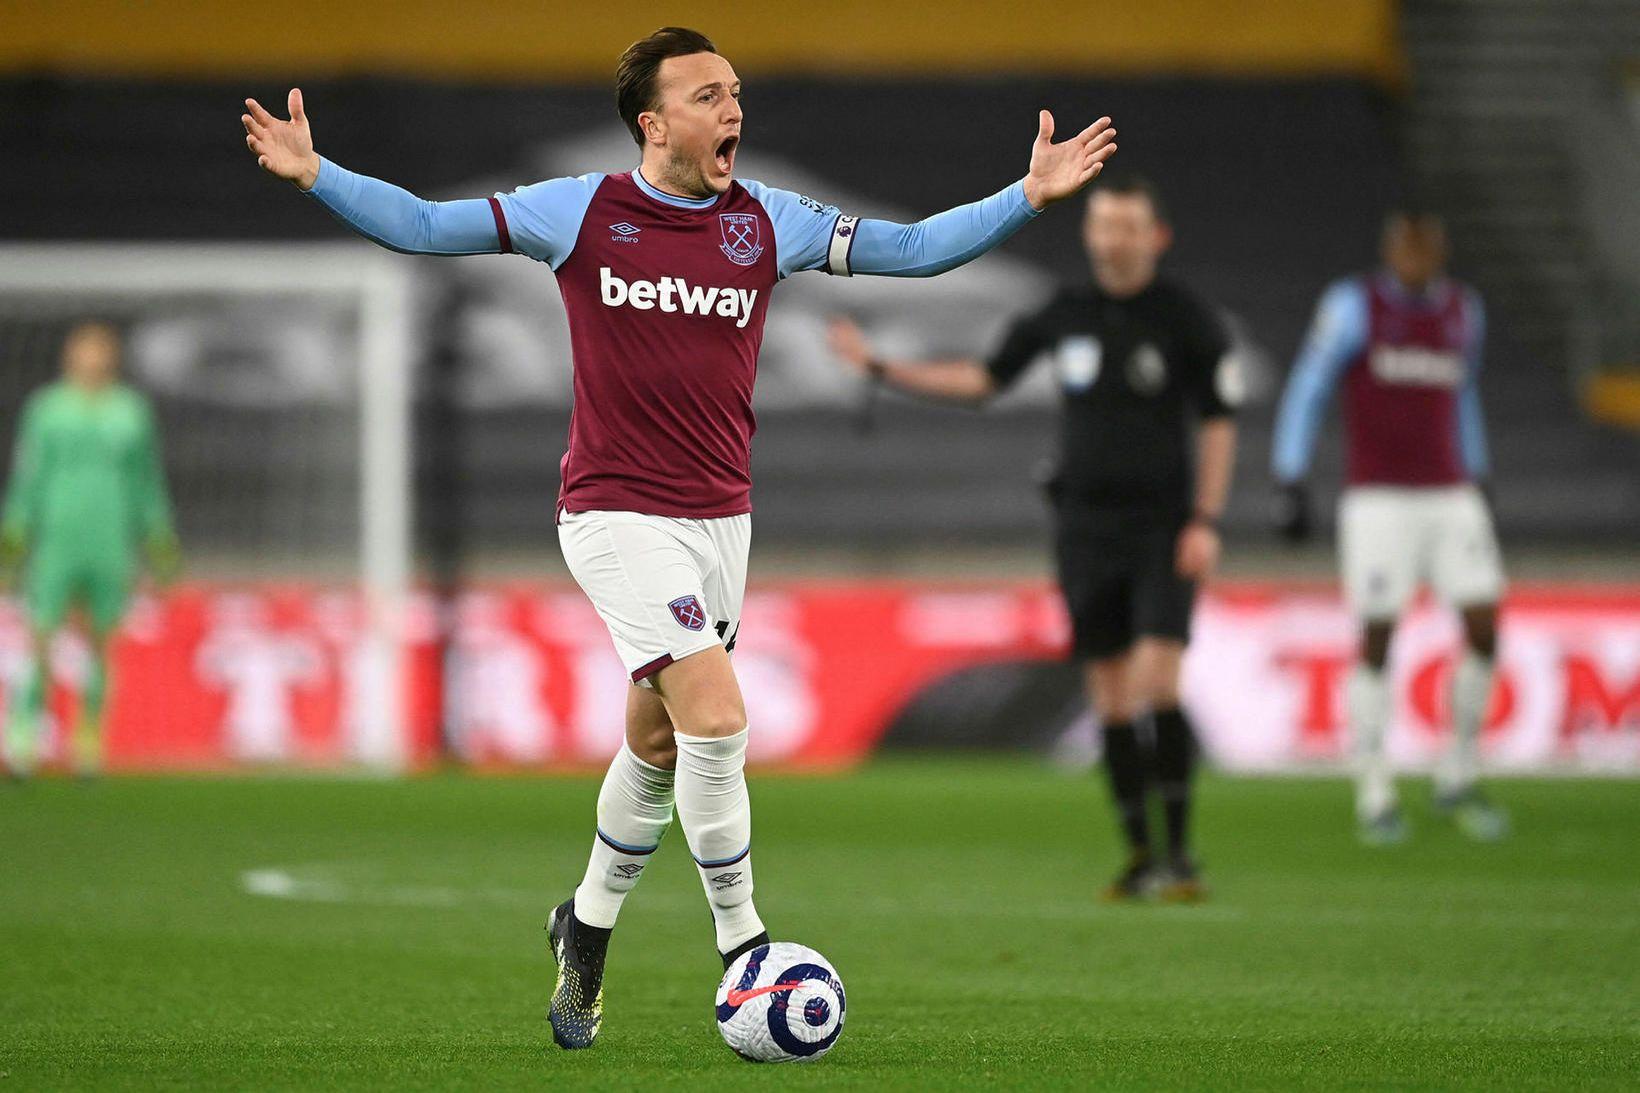 Mark Noble hefur allan sinn feril spilað með West Ham.